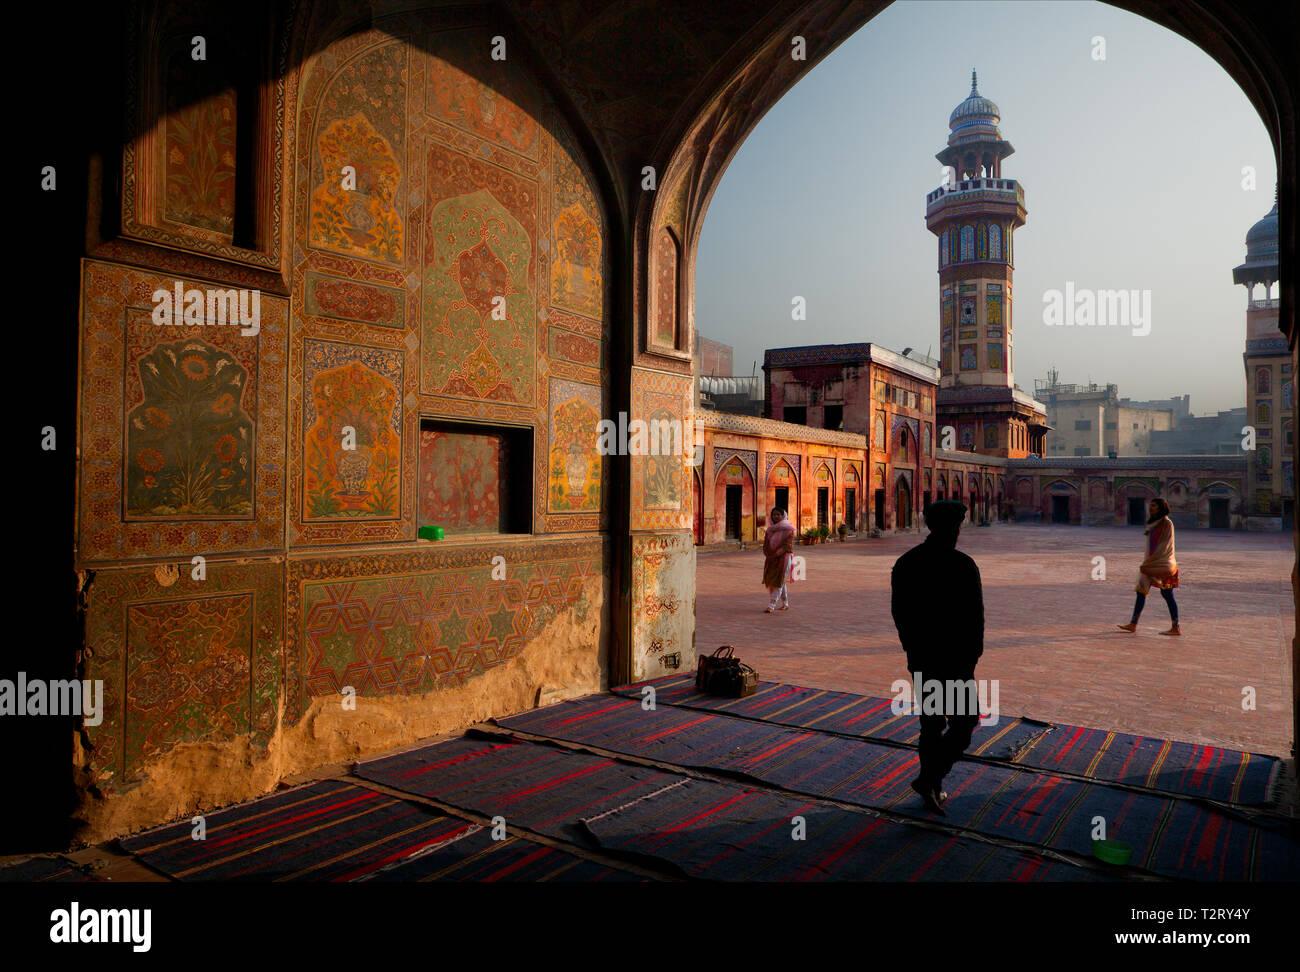 La mattina presto la luce colpisce sul lato parete dipinta di Masjid Wazir Khan, Lahore. Moschea del xvi secolo è situato nel cuore della città murata di Lahore. Xvi Foto Stock